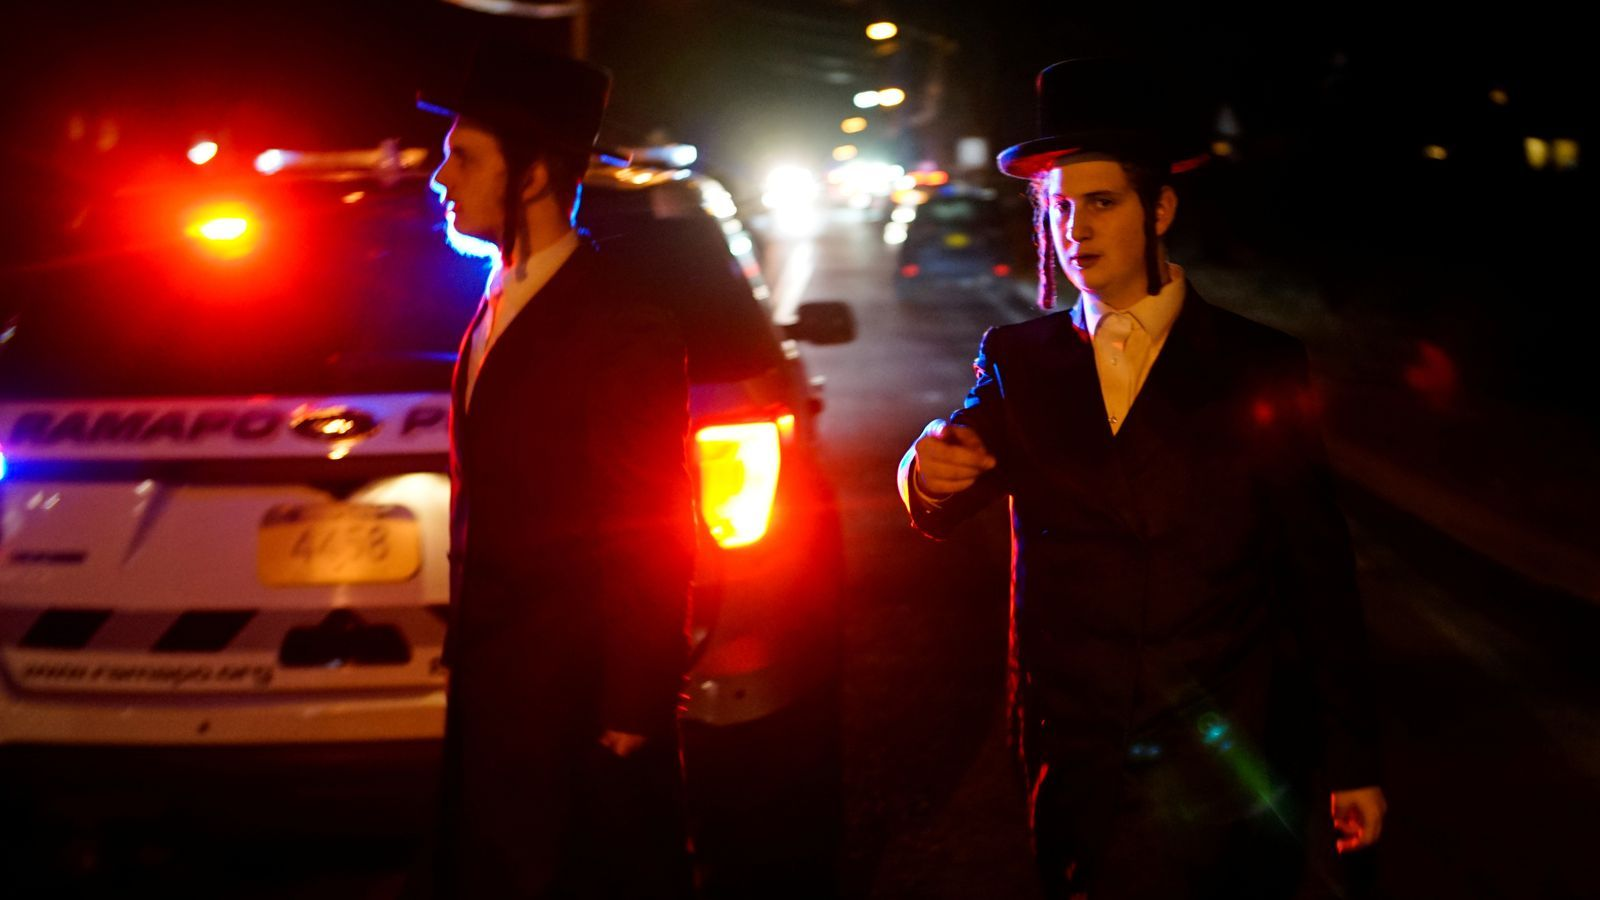 Cinc ferits en un apunyalament múltiple durant una festa de la Hanukkà a l'estat de Nova York